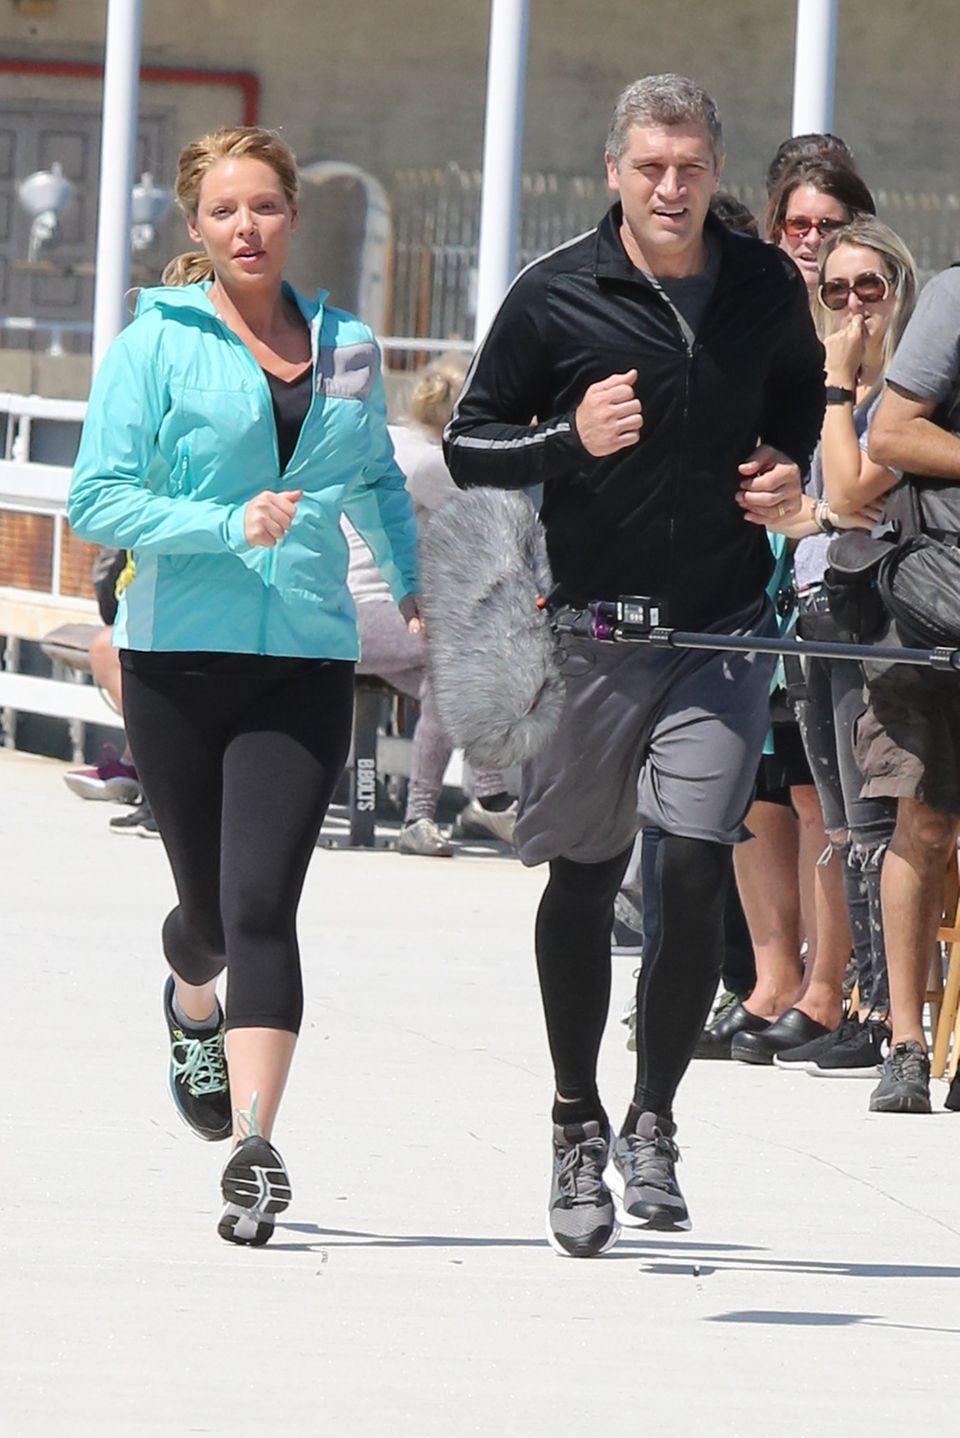 """2. August 2016: Die schwangere Katherine Heigl steht in New York für die Serie """"Doubt"""" vor der Kamera und muss eine Jogging-Szene spielen."""